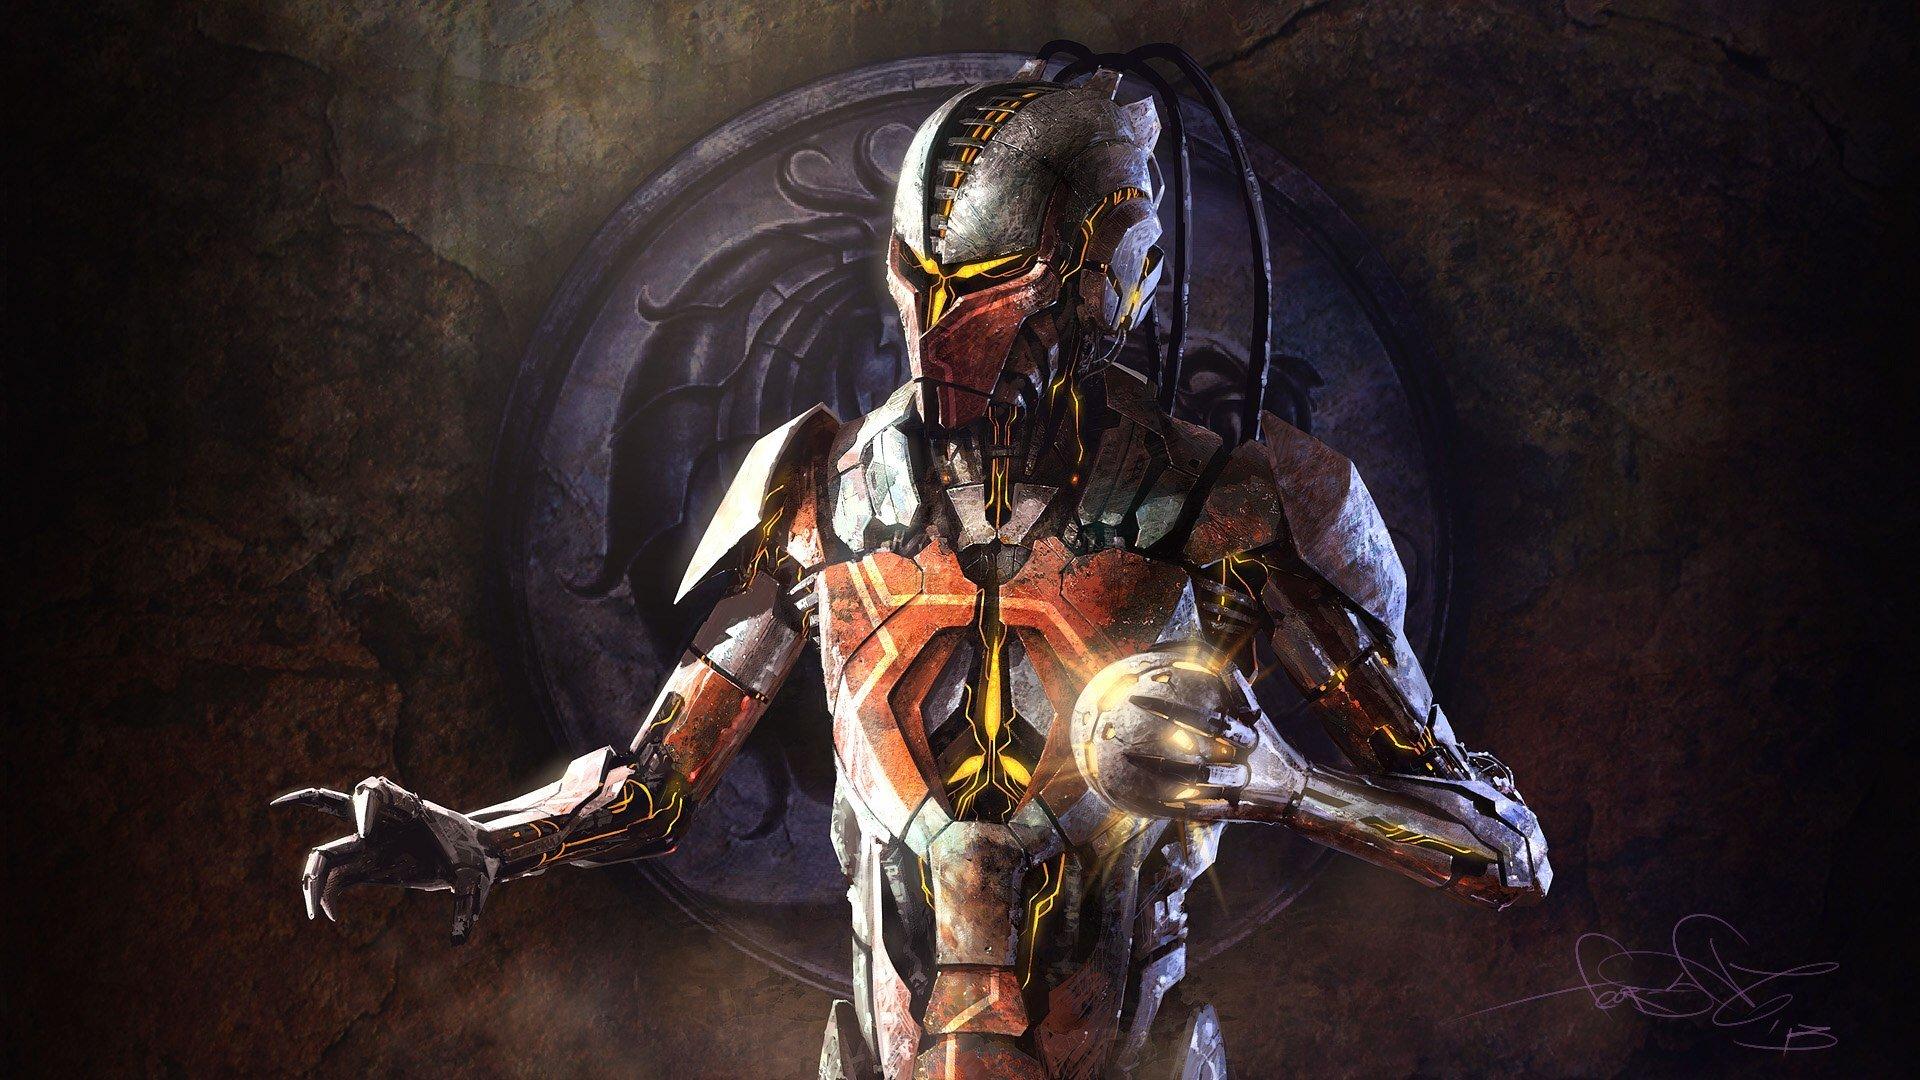 Art-Подборка Mortal Кombat. - Изображение 6